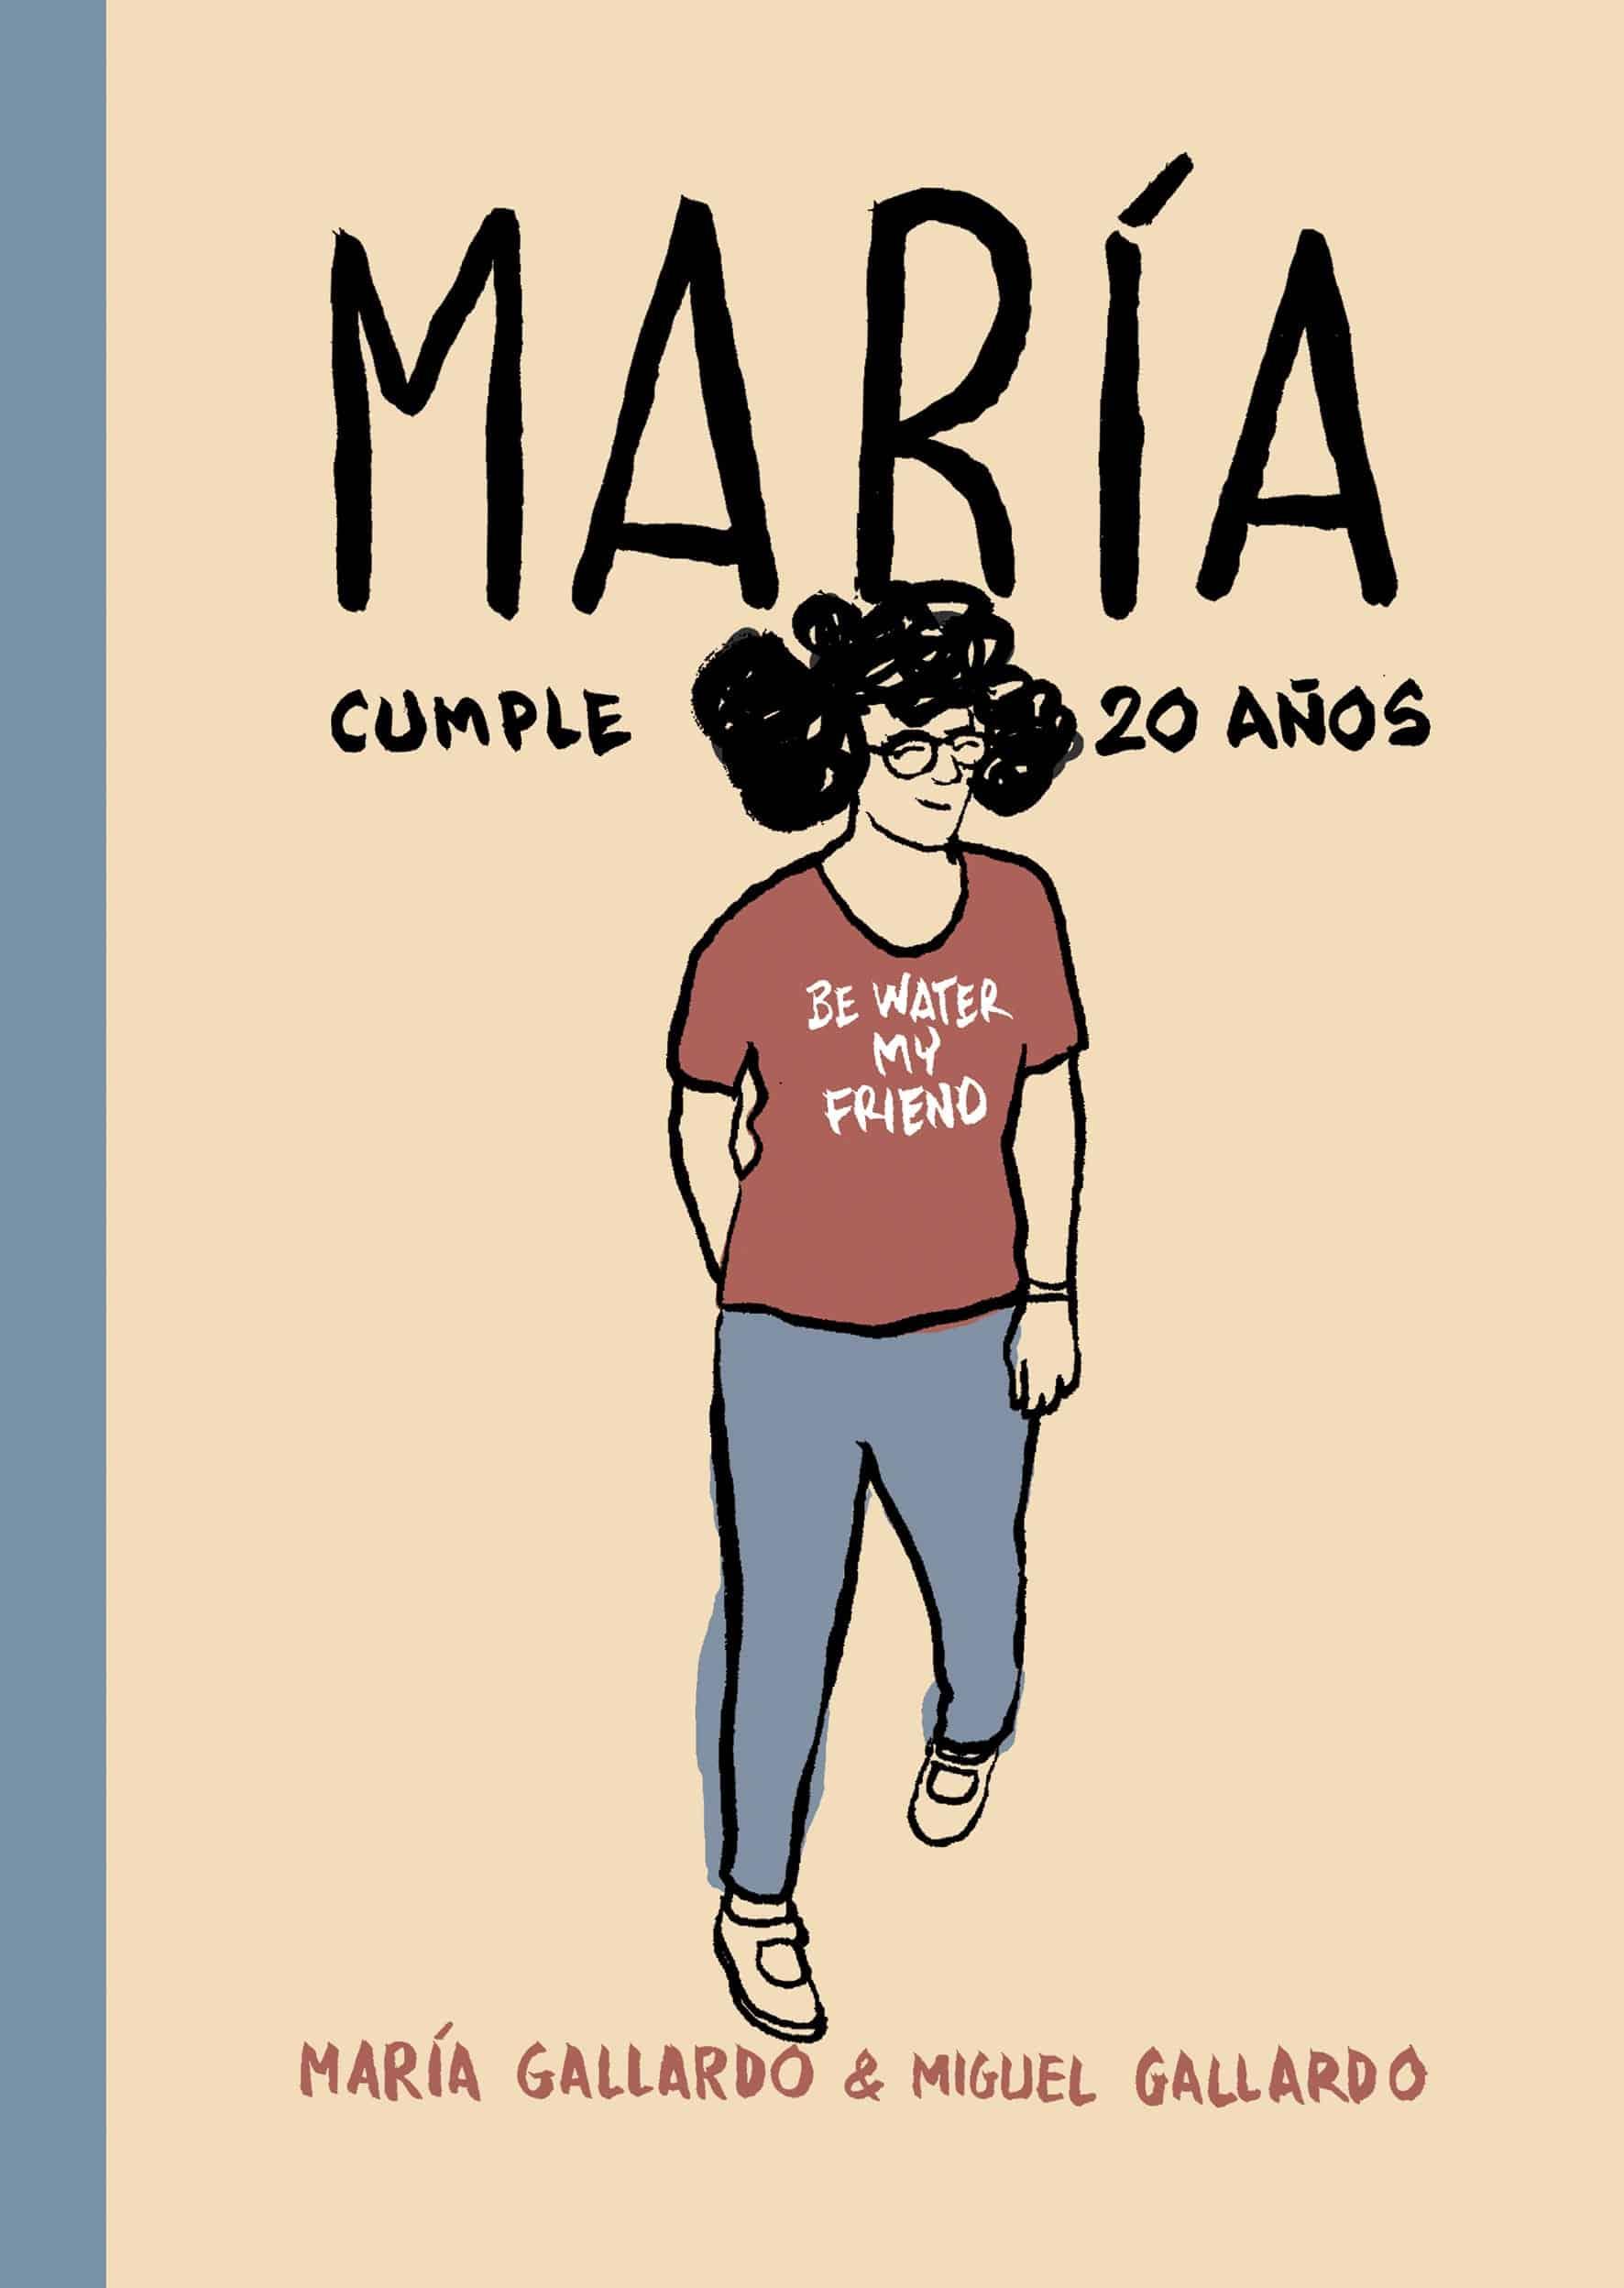 MARIA CUMPLE 20 AÑOS